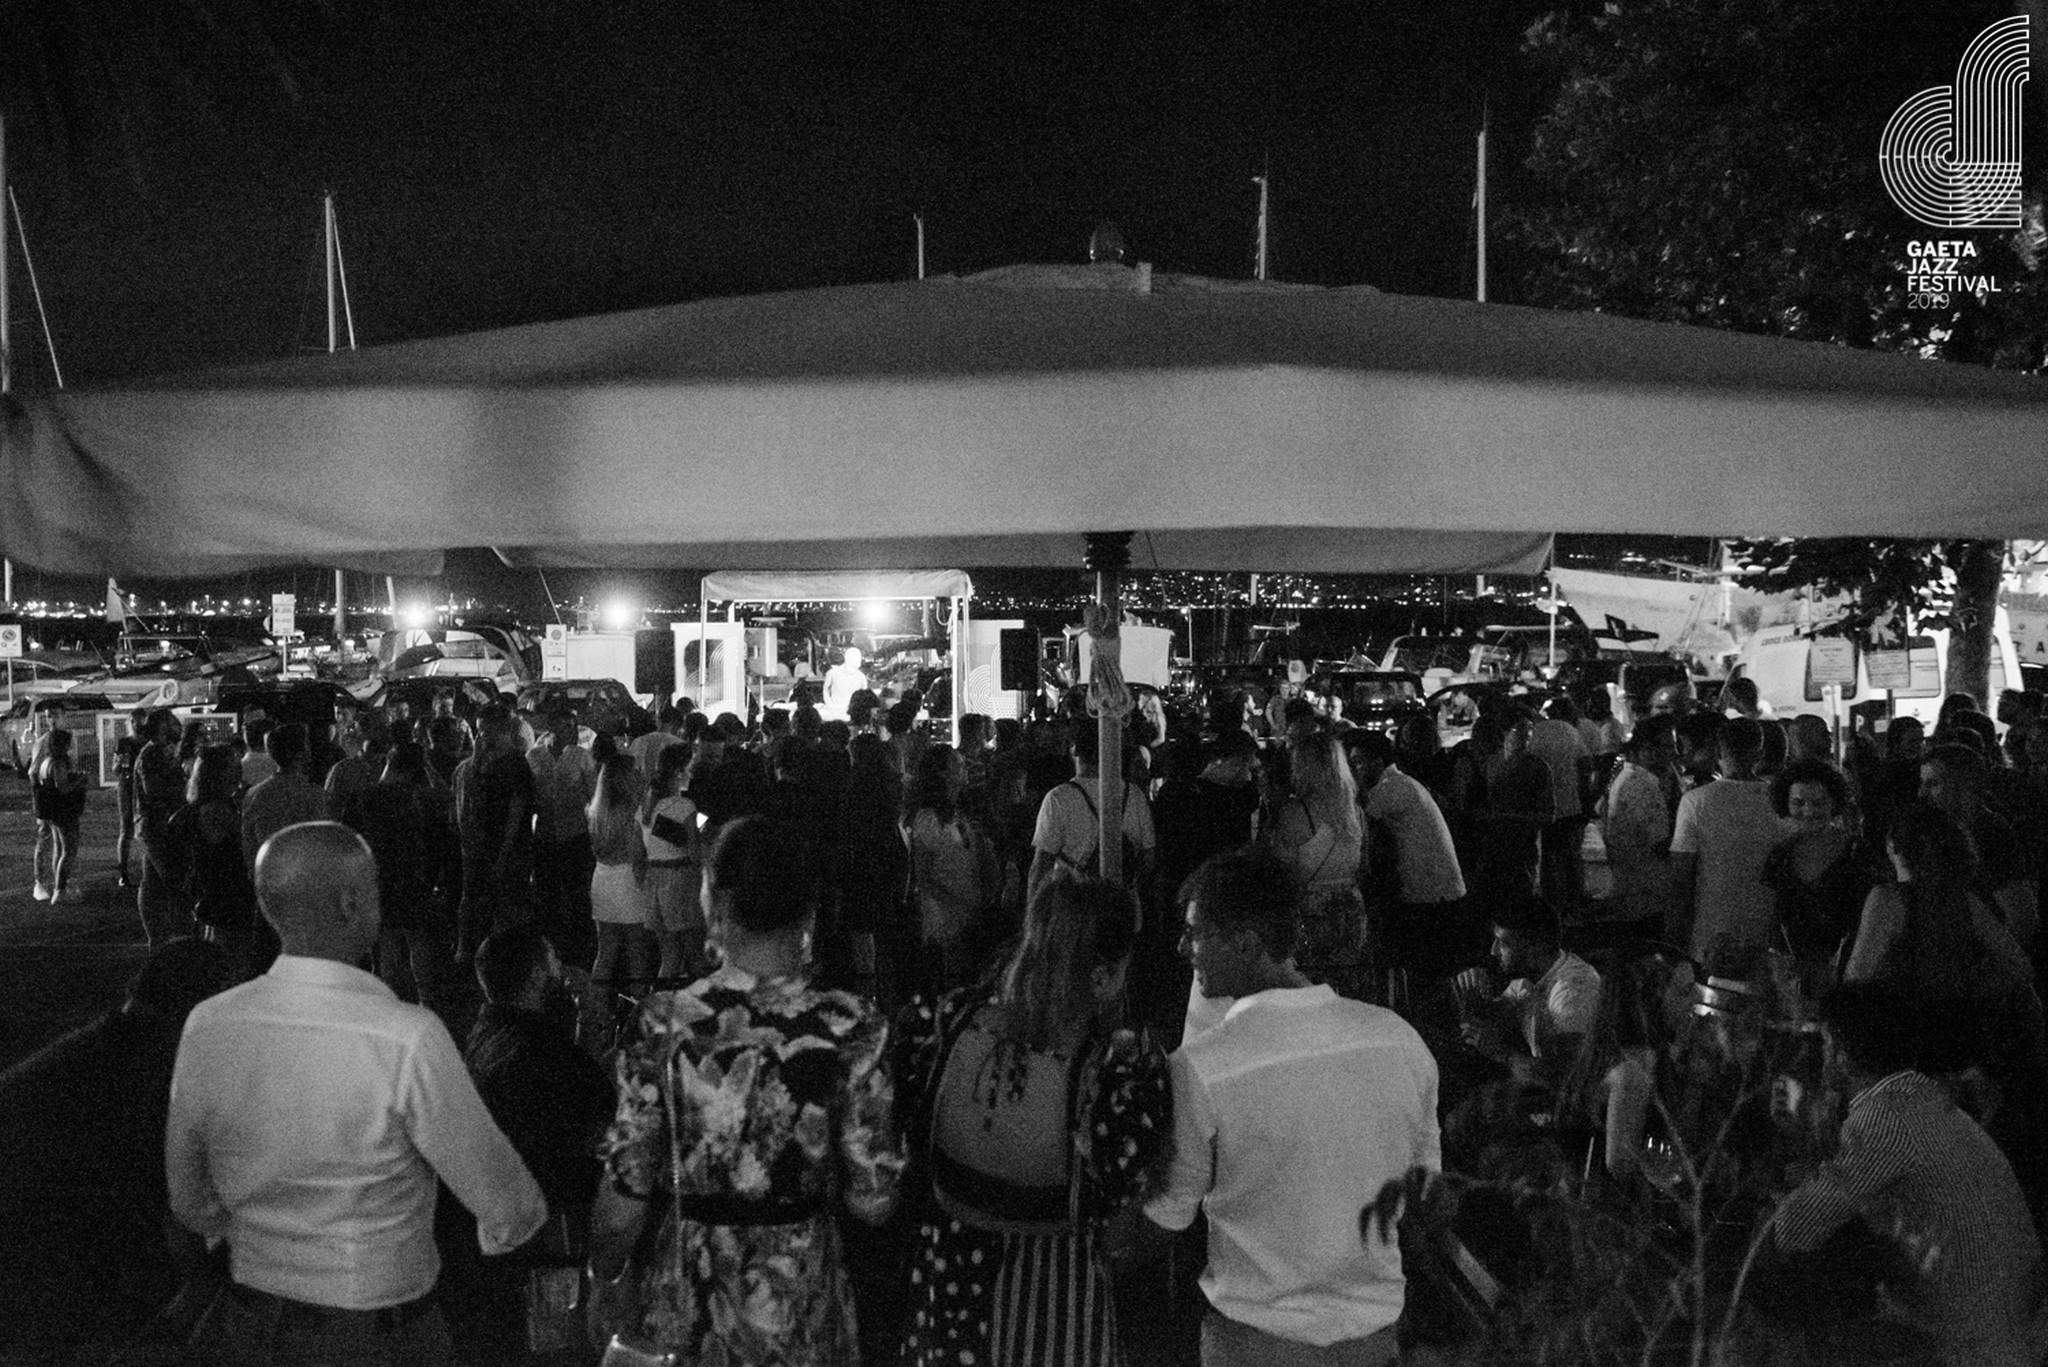 Flavia_Fiengo_Gaeta_Jazz_Festival_live_2019__00082